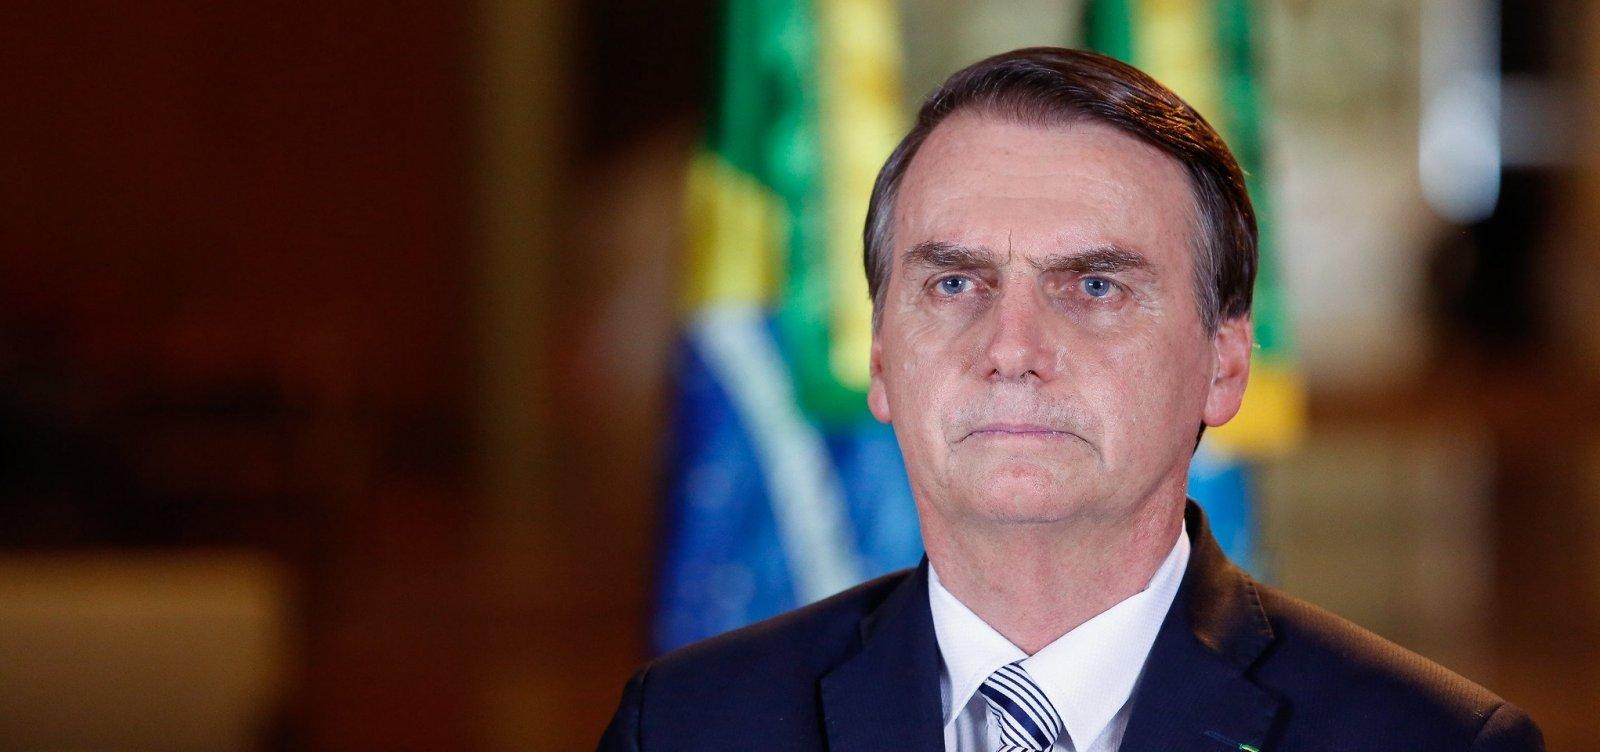 'Fizemos nossa parte', diz Bolsonaro sobre colapso na saúde de Manaus